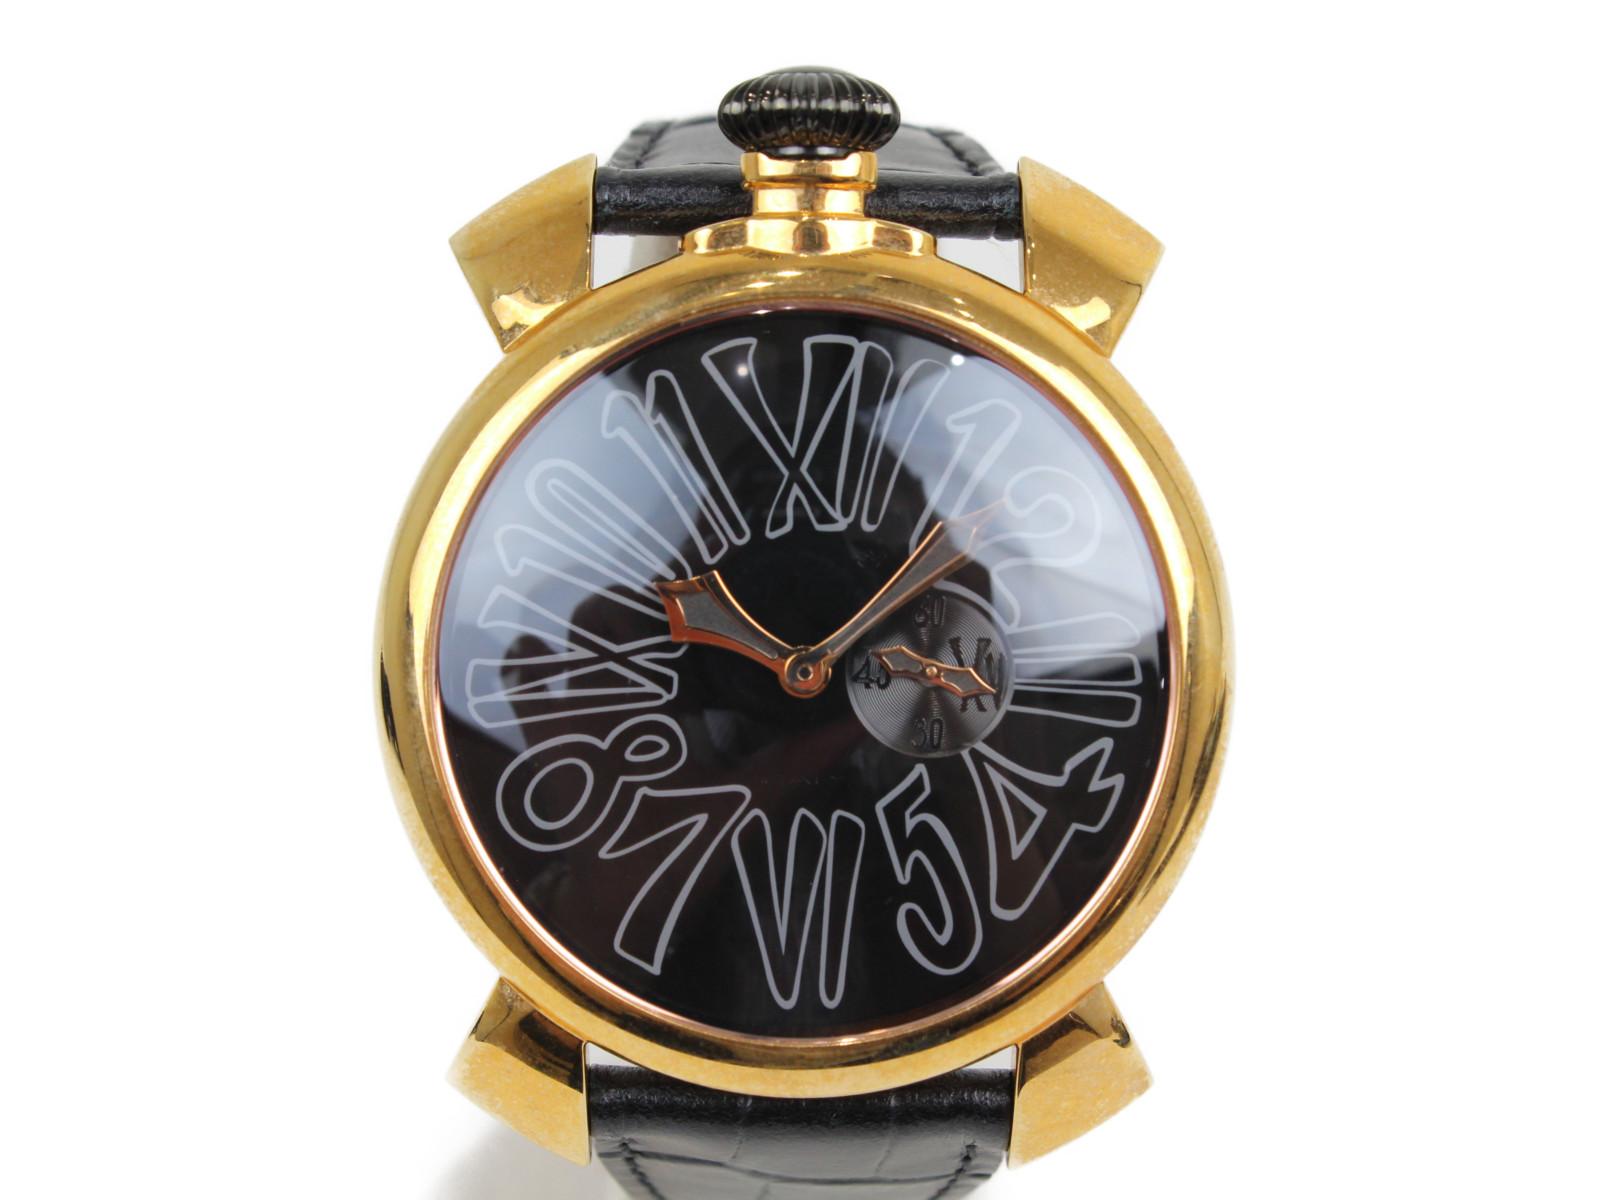 【ヴェルファイア限定コラボ999本】GaGaMILANO ガガミラノ マヌアーレスリム46 クオーツ スモールセコンド YG 革ベルト ブラック メンズ 腕時計【中古】